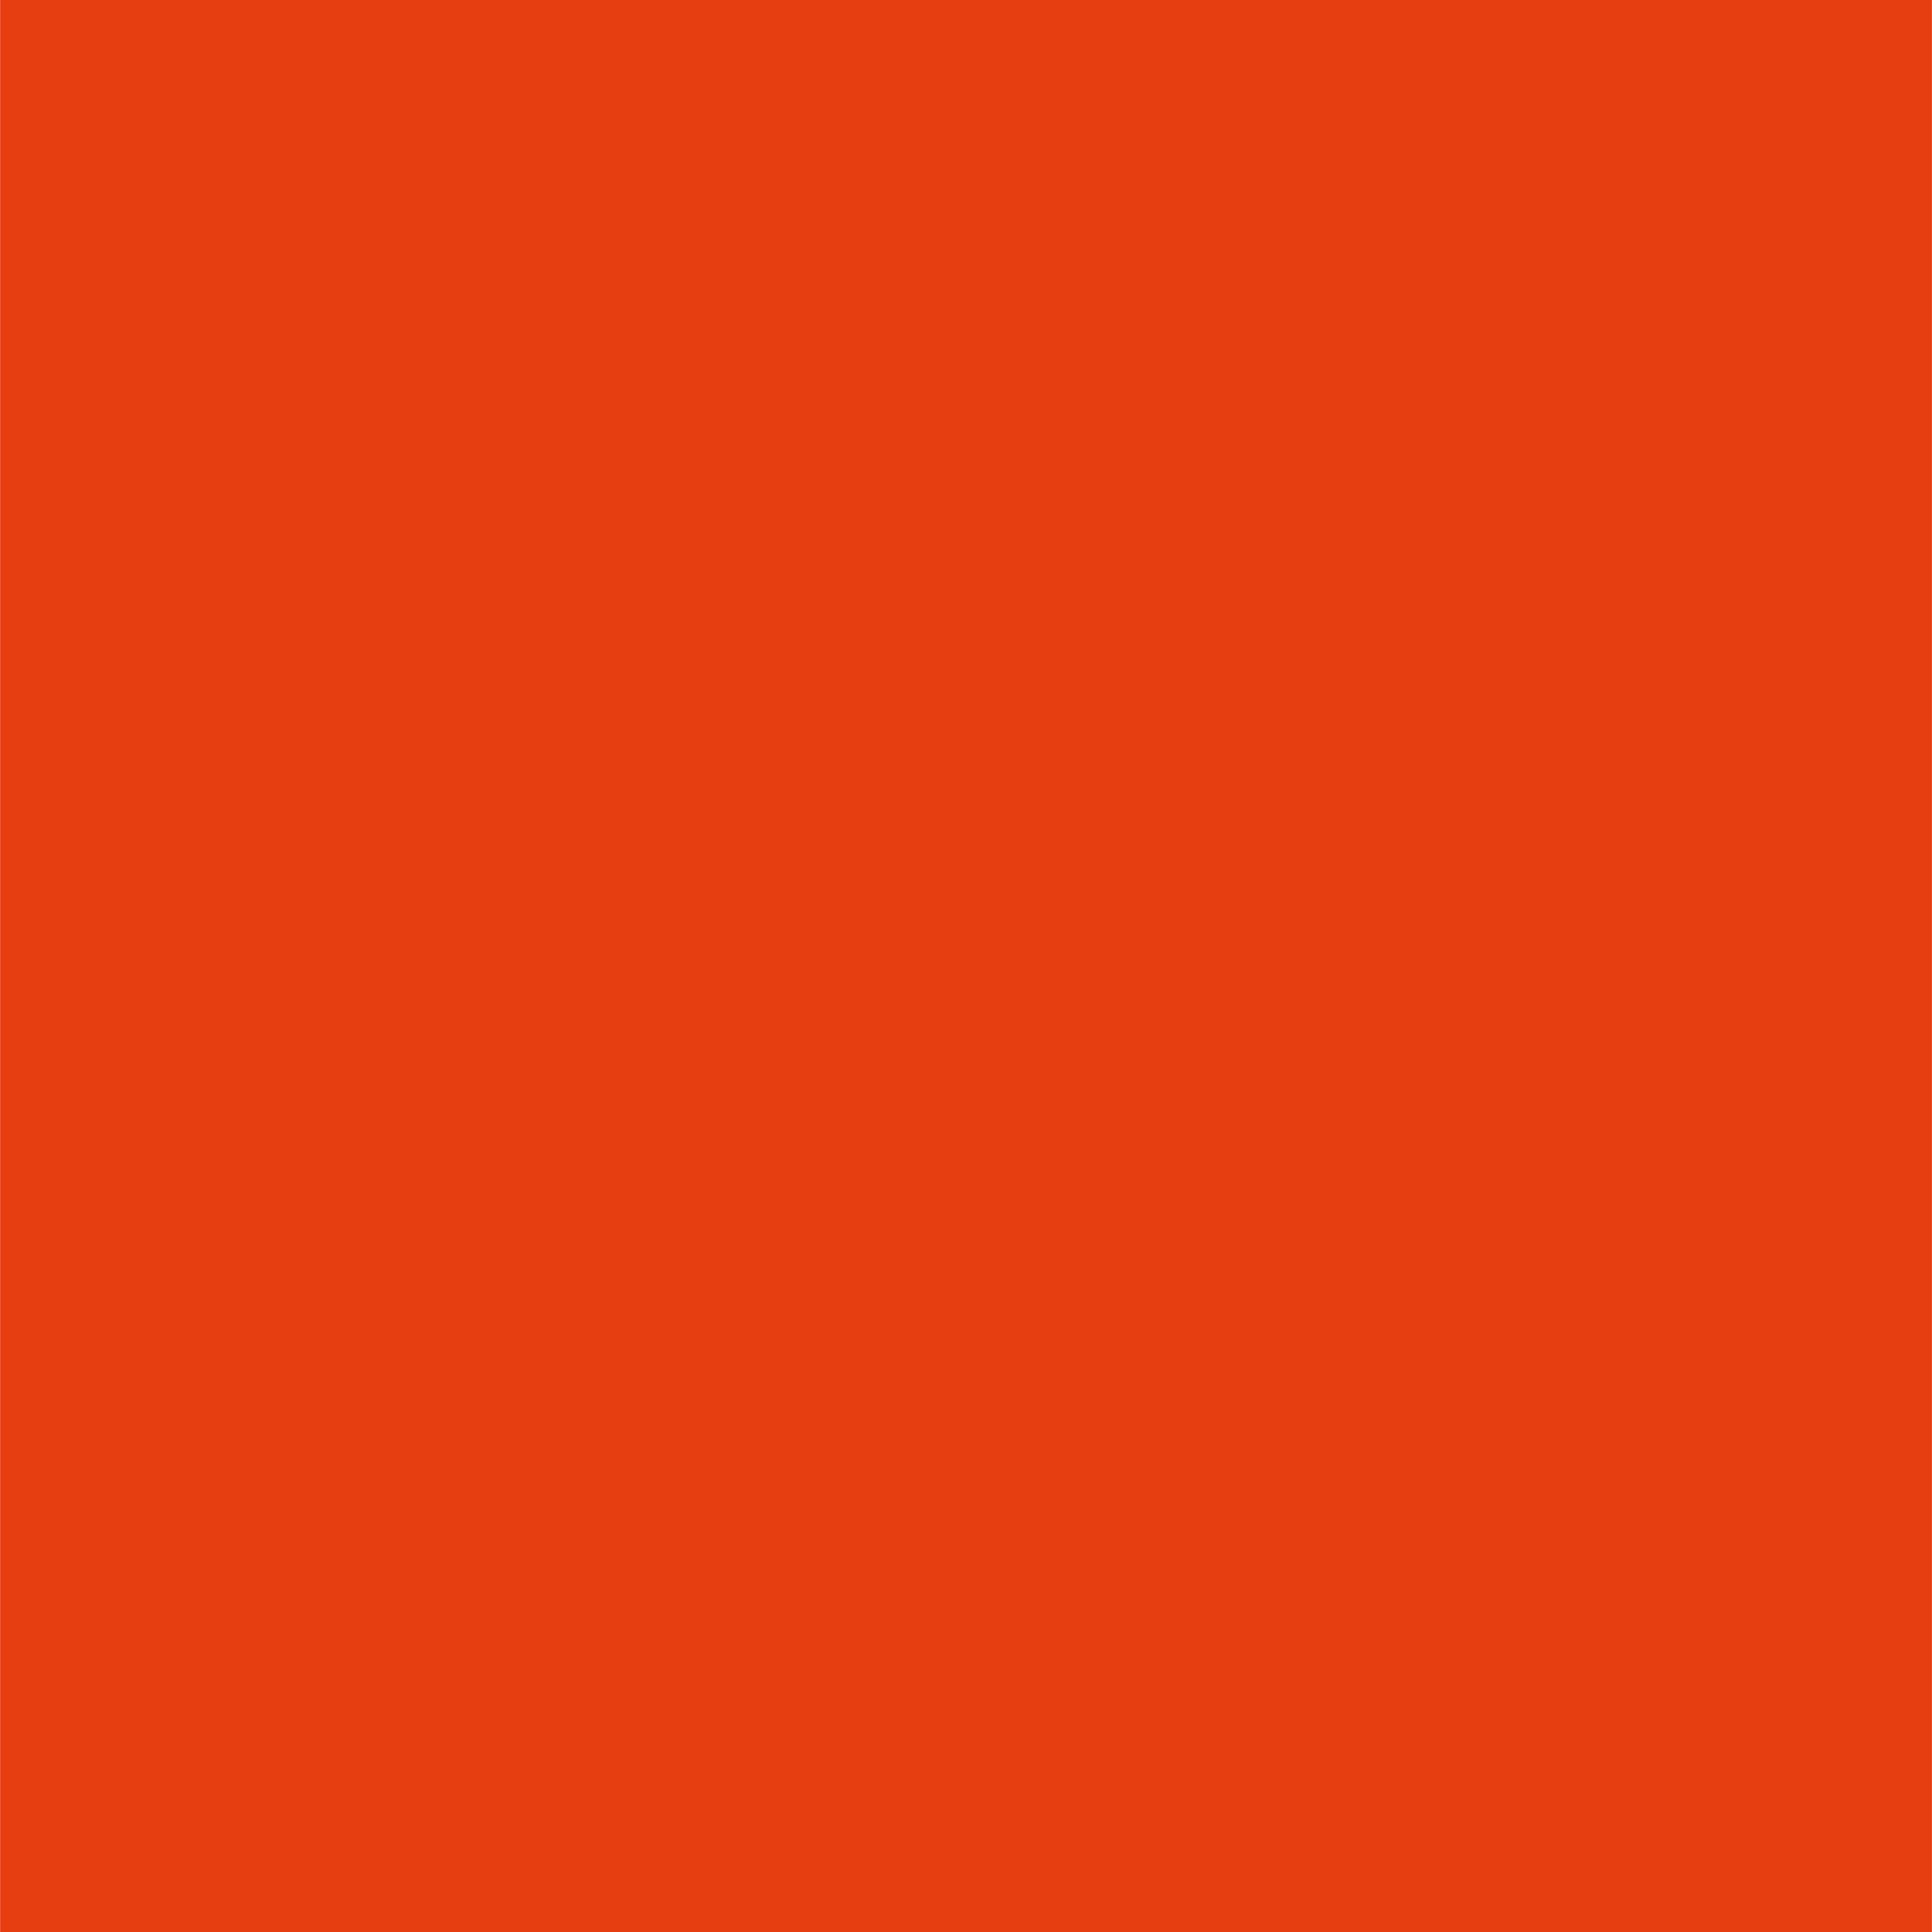 ant rood.jpg